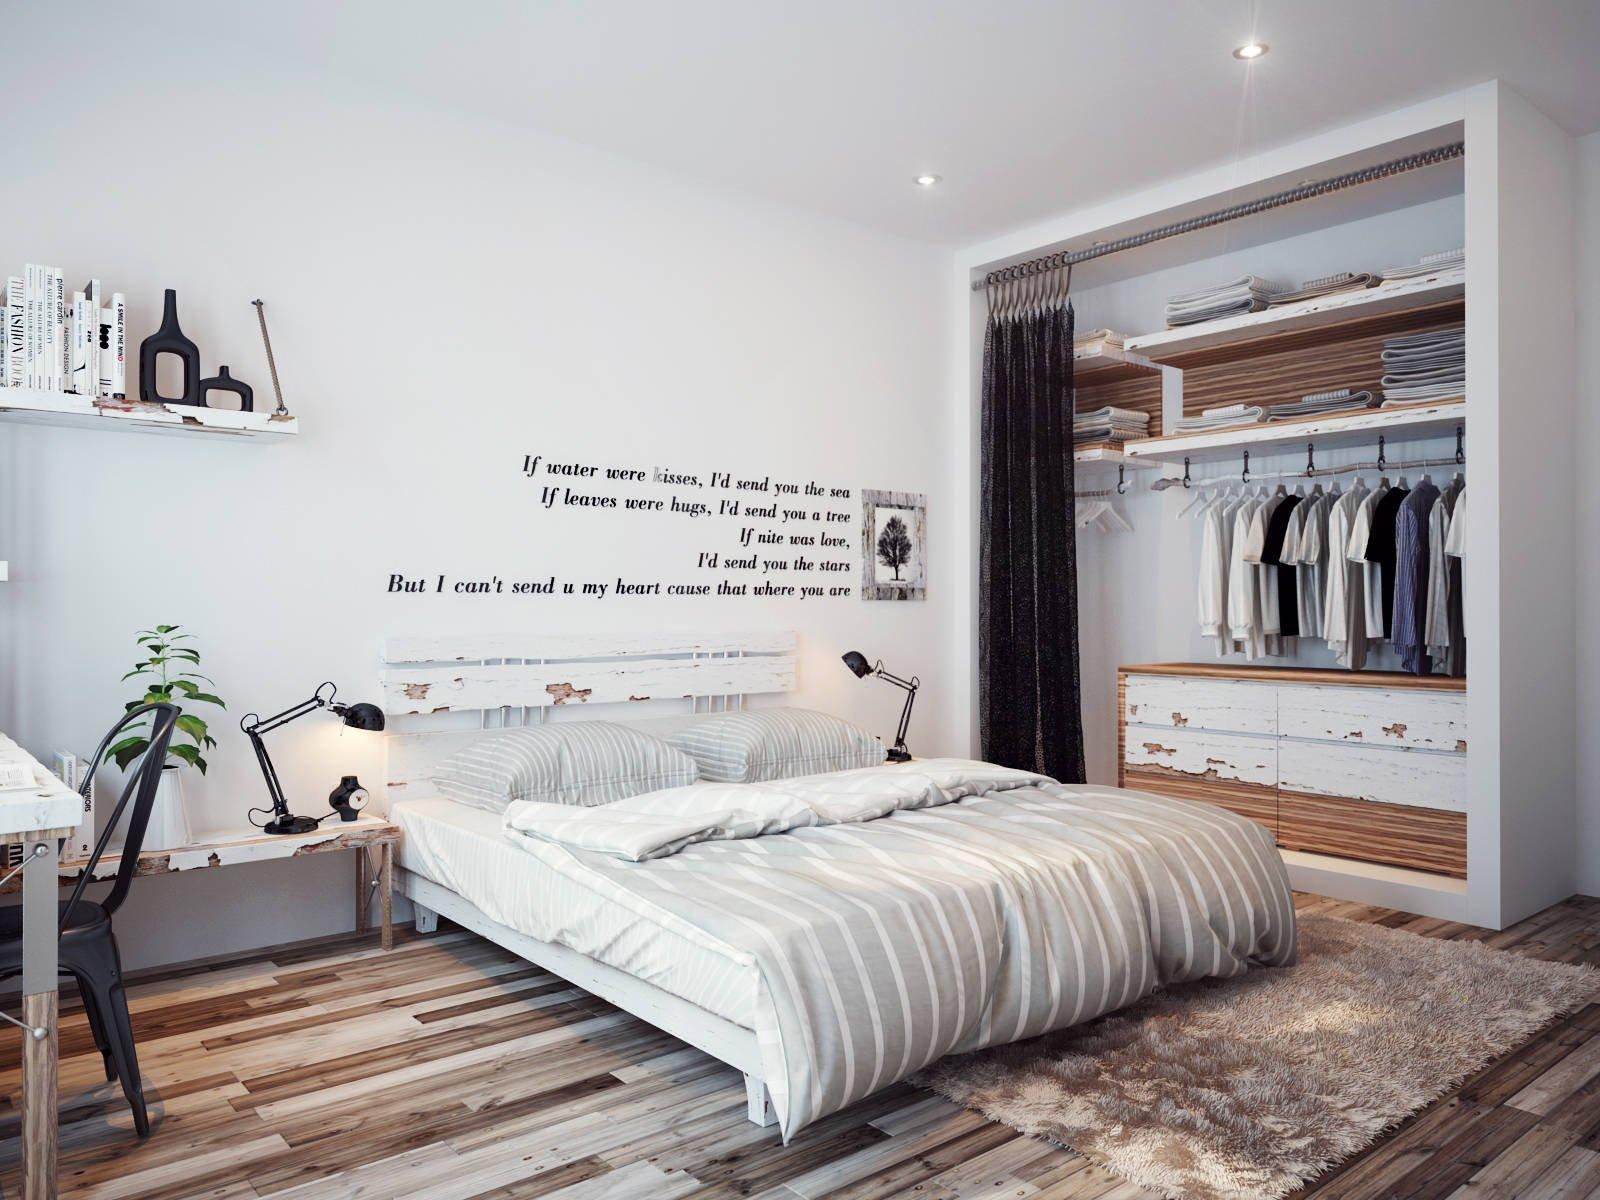 Đơn vị chuyên tư vấn thiết kế nội thất chung cư CityHome 63m2 – Hoàng Hải